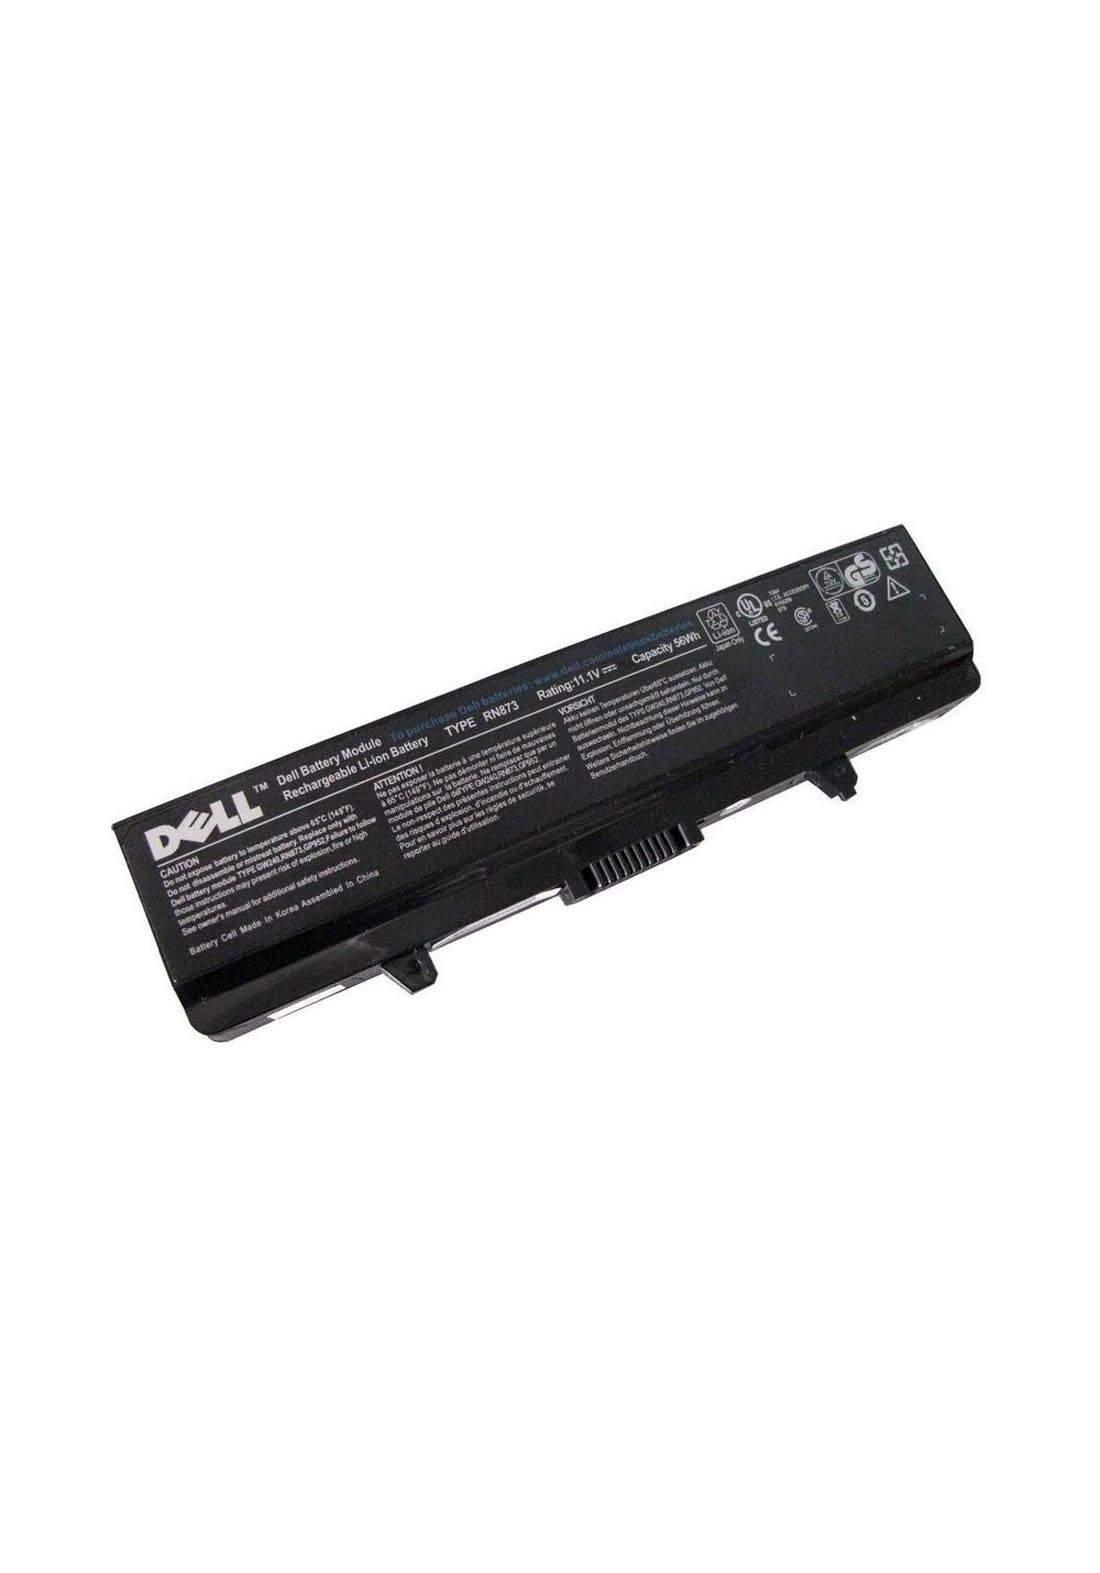 Dell 1525 Replacement Laptop Battery - Black بطارية لابتوب